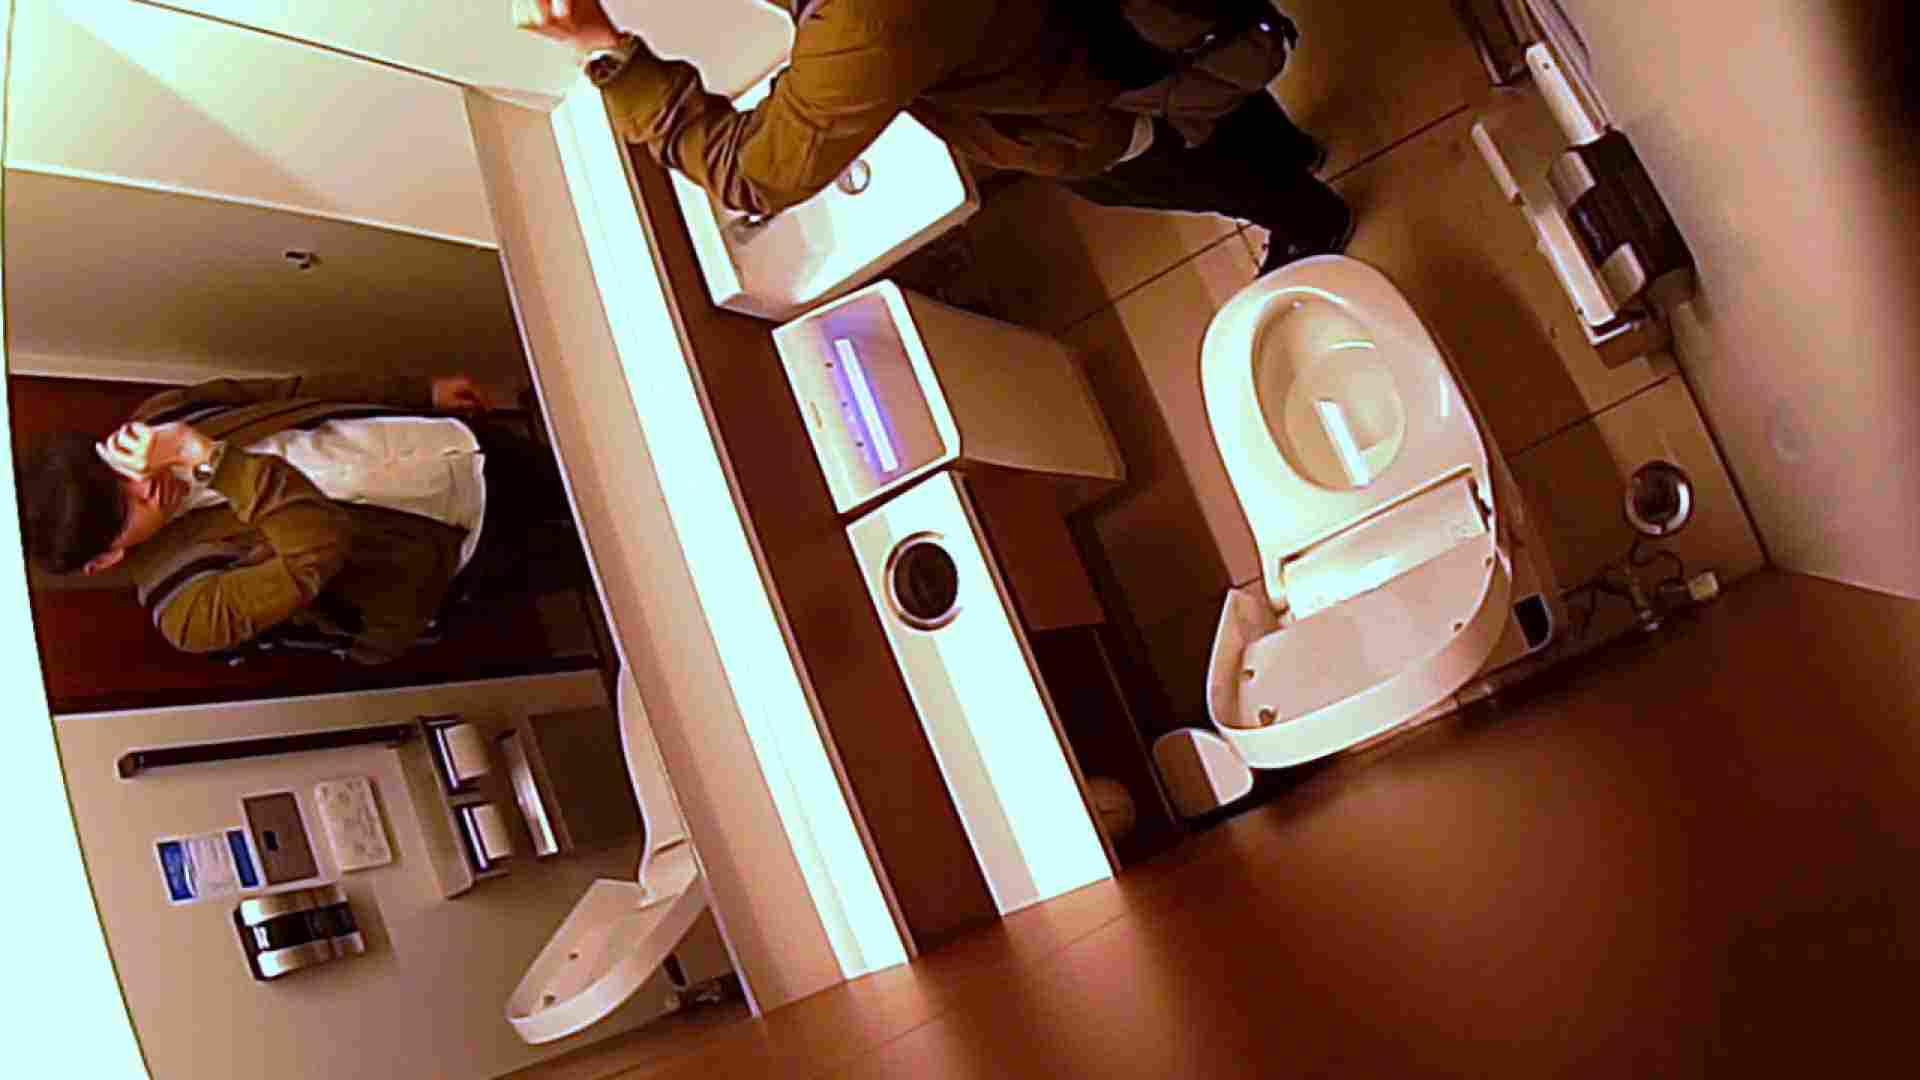 おちんちん|すみませんが覗かせてください Vol.30|トイレ